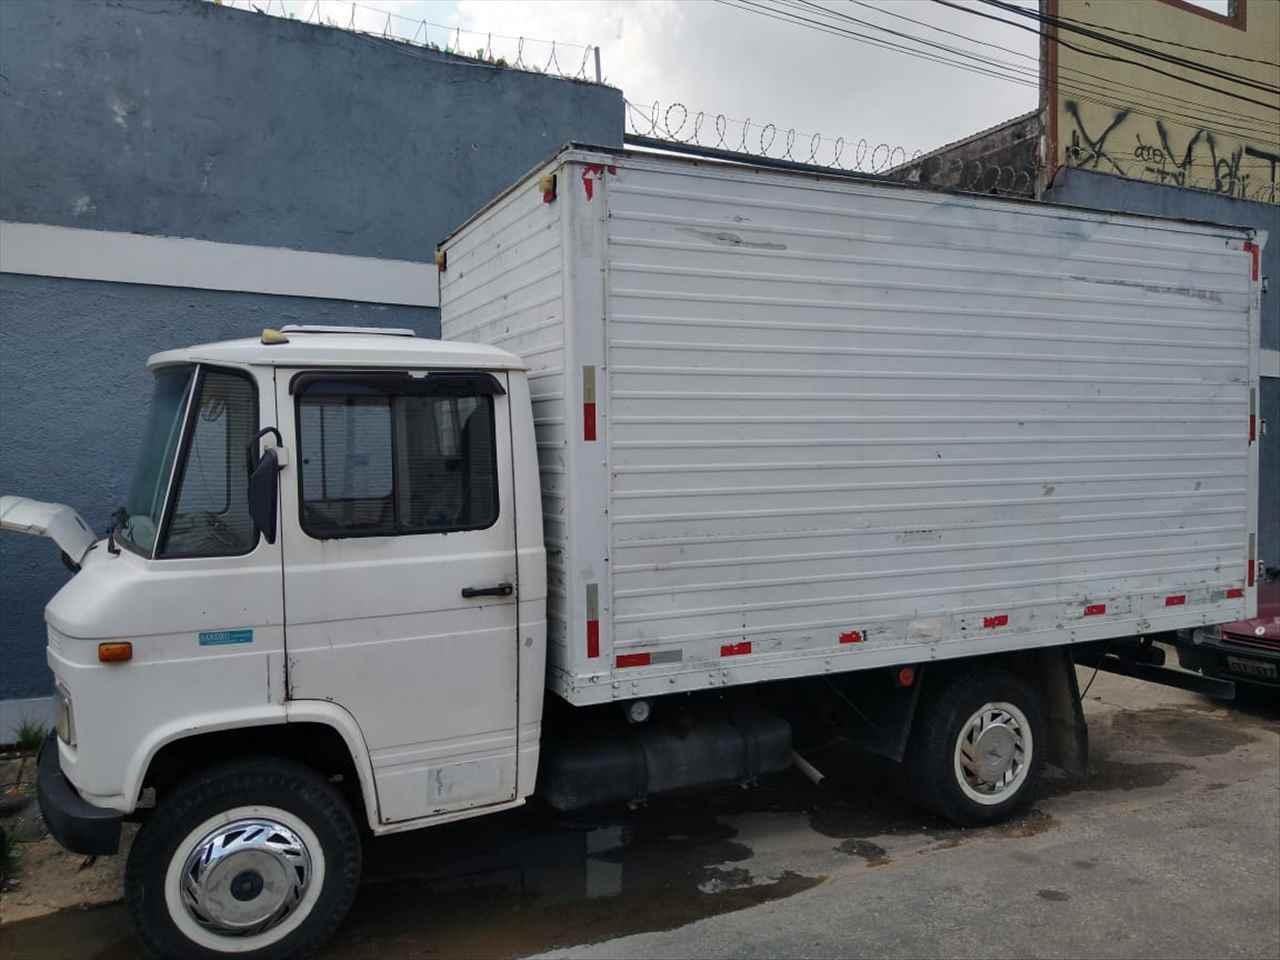 CAMINHAO MERCEDES-BENZ MB 608 Baú Furgão 3/4 4x2 Kalena Multimarcas MOGI DAS CRUZES SÃO PAULO SP